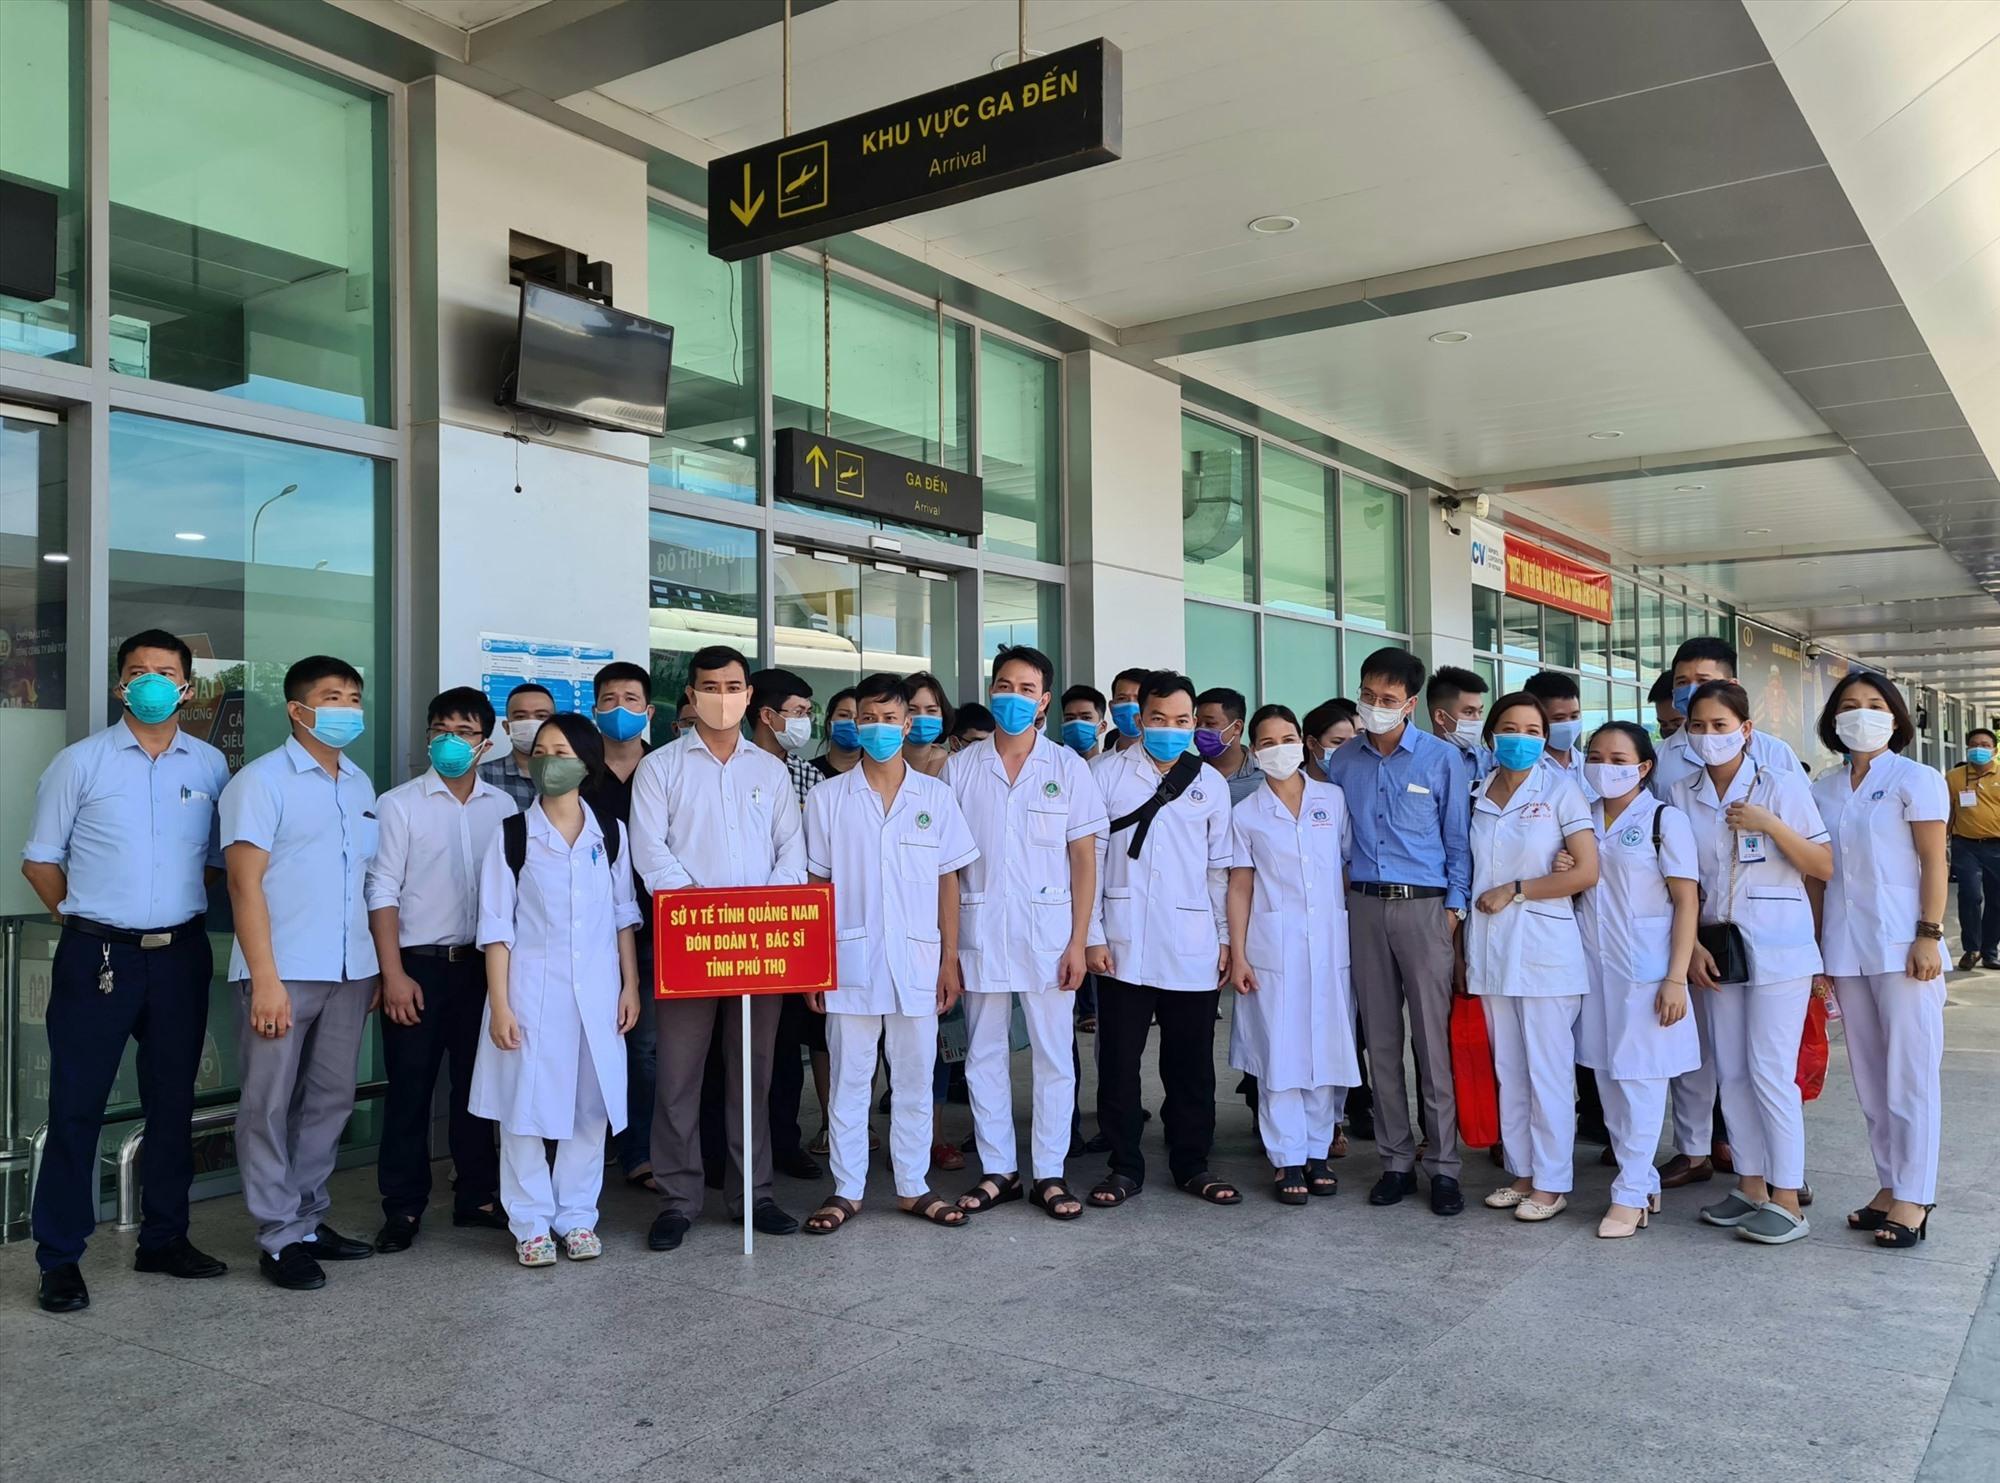 Đoàn y bác sĩ tình nguyện của tỉnh Phú Thọ chi viện cho tuyến đầu Quảng Nam. Ảnh: T.N